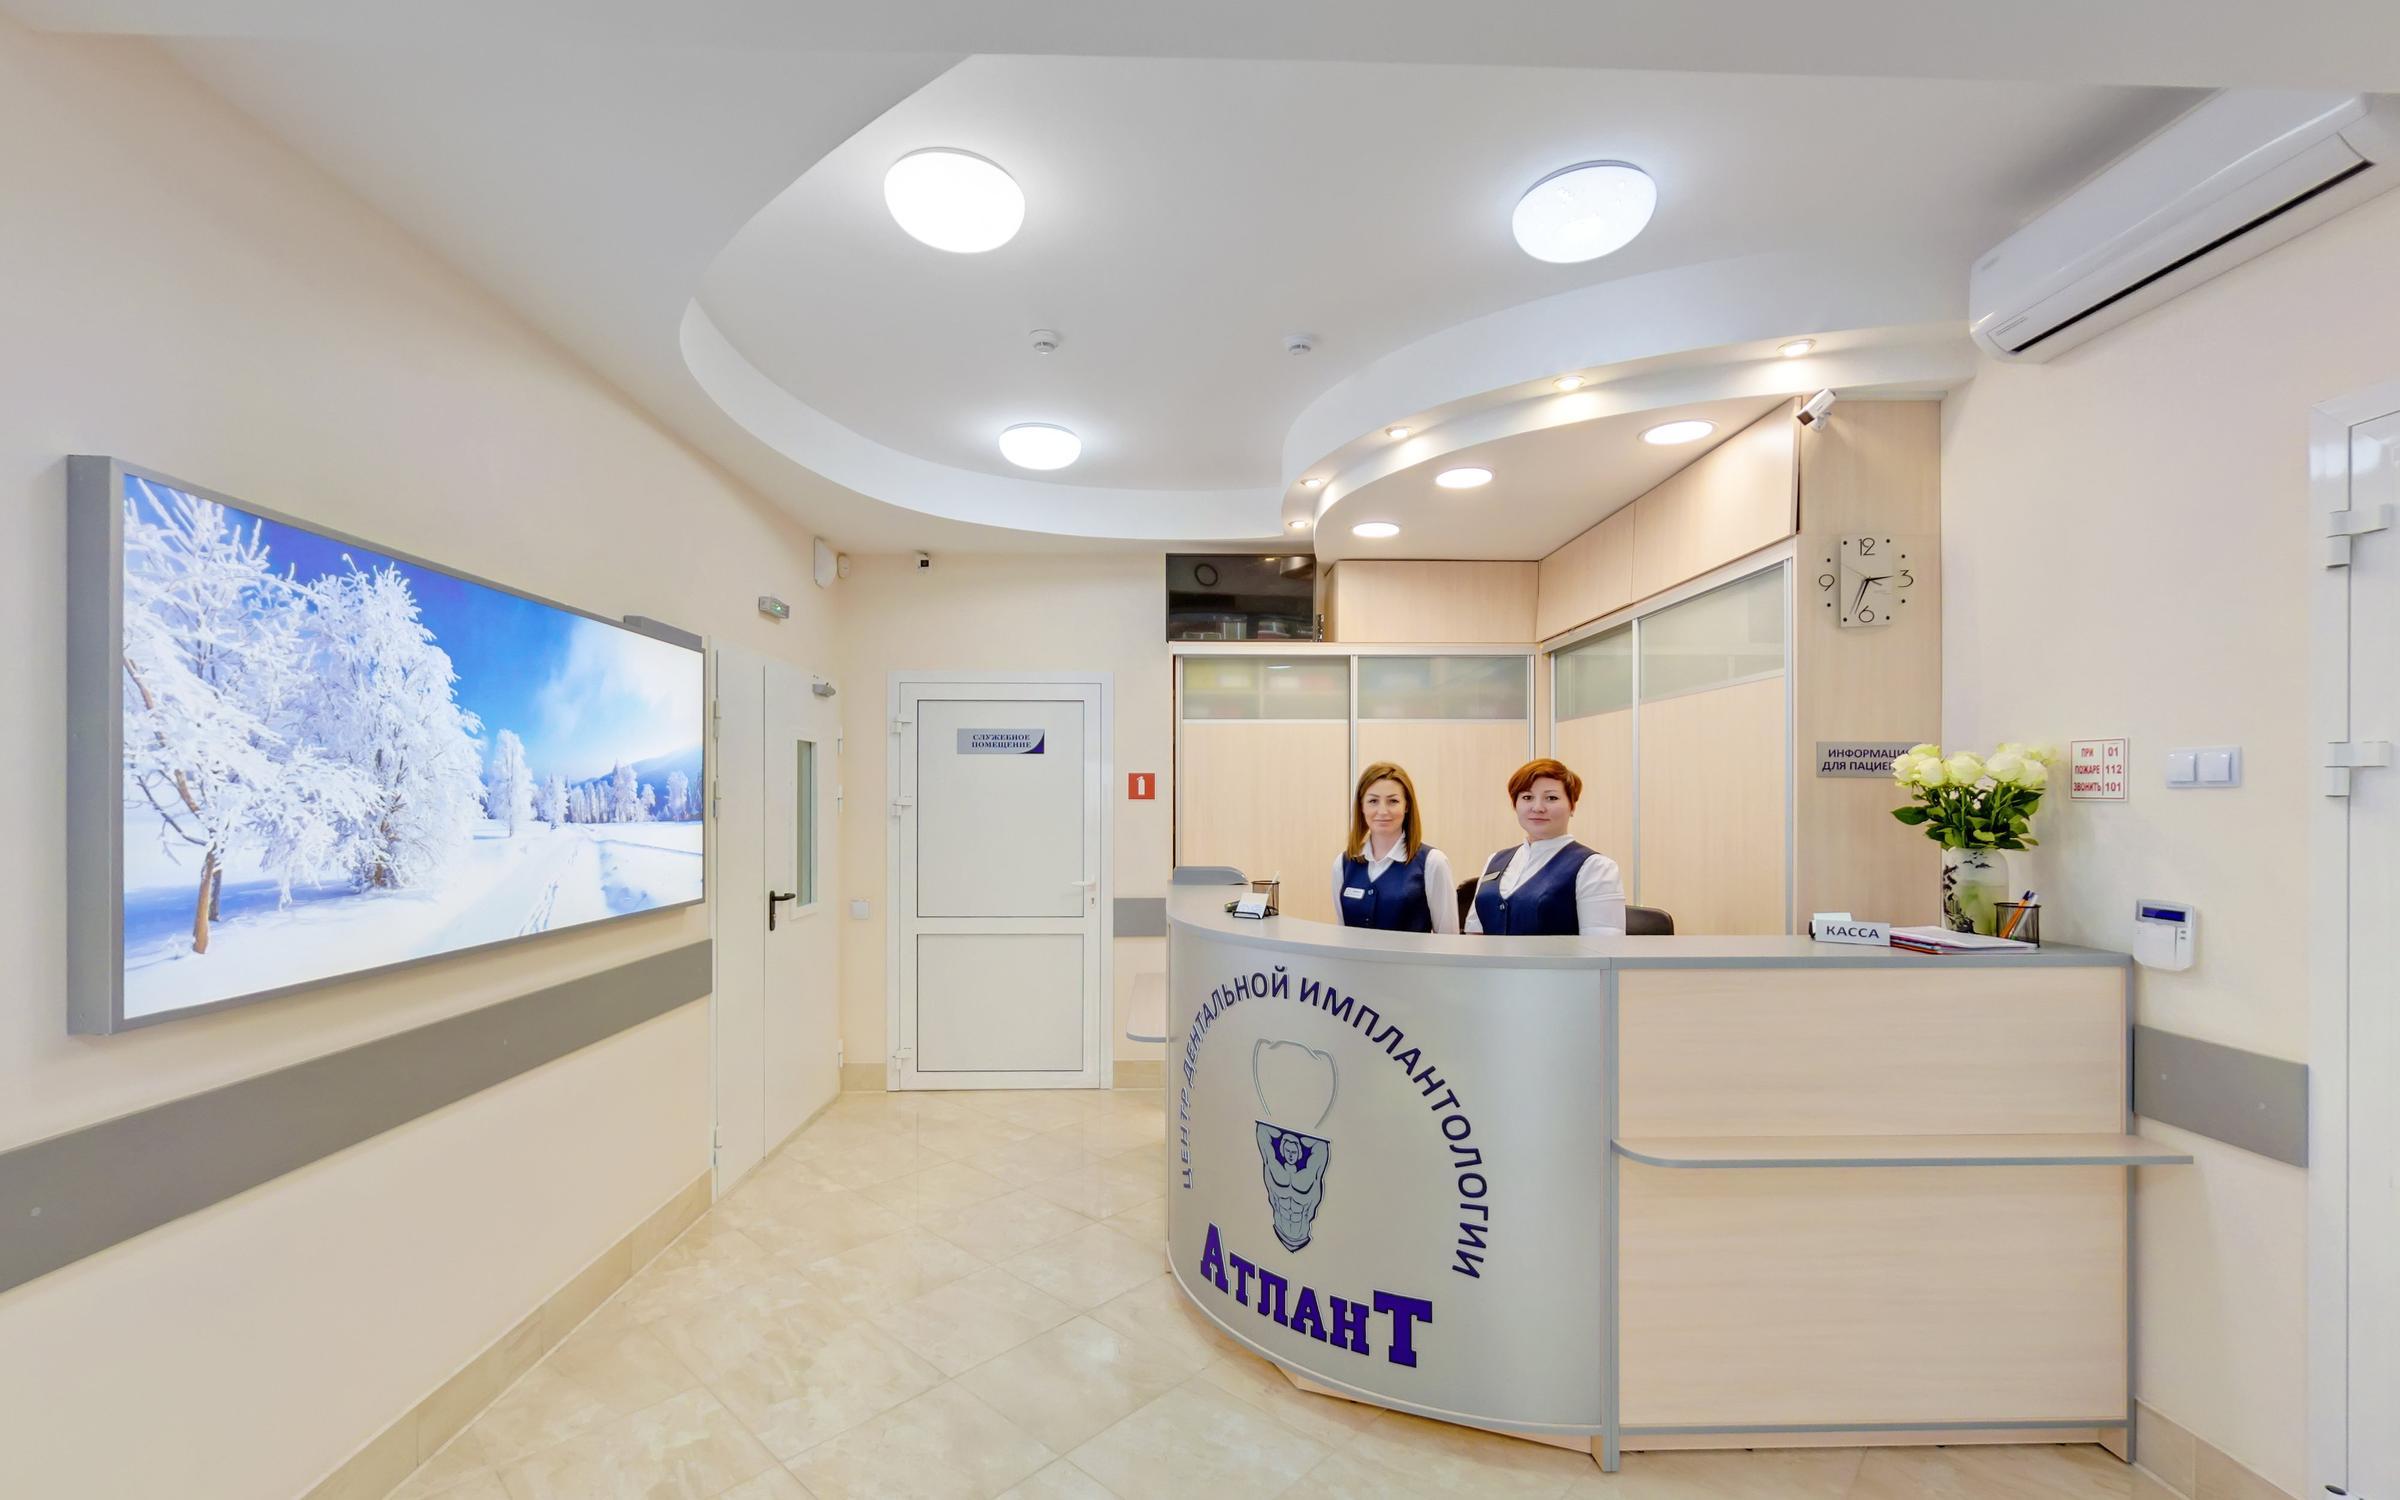 фотография Центра дентальной имплантологии Атлант на Гражданской улице